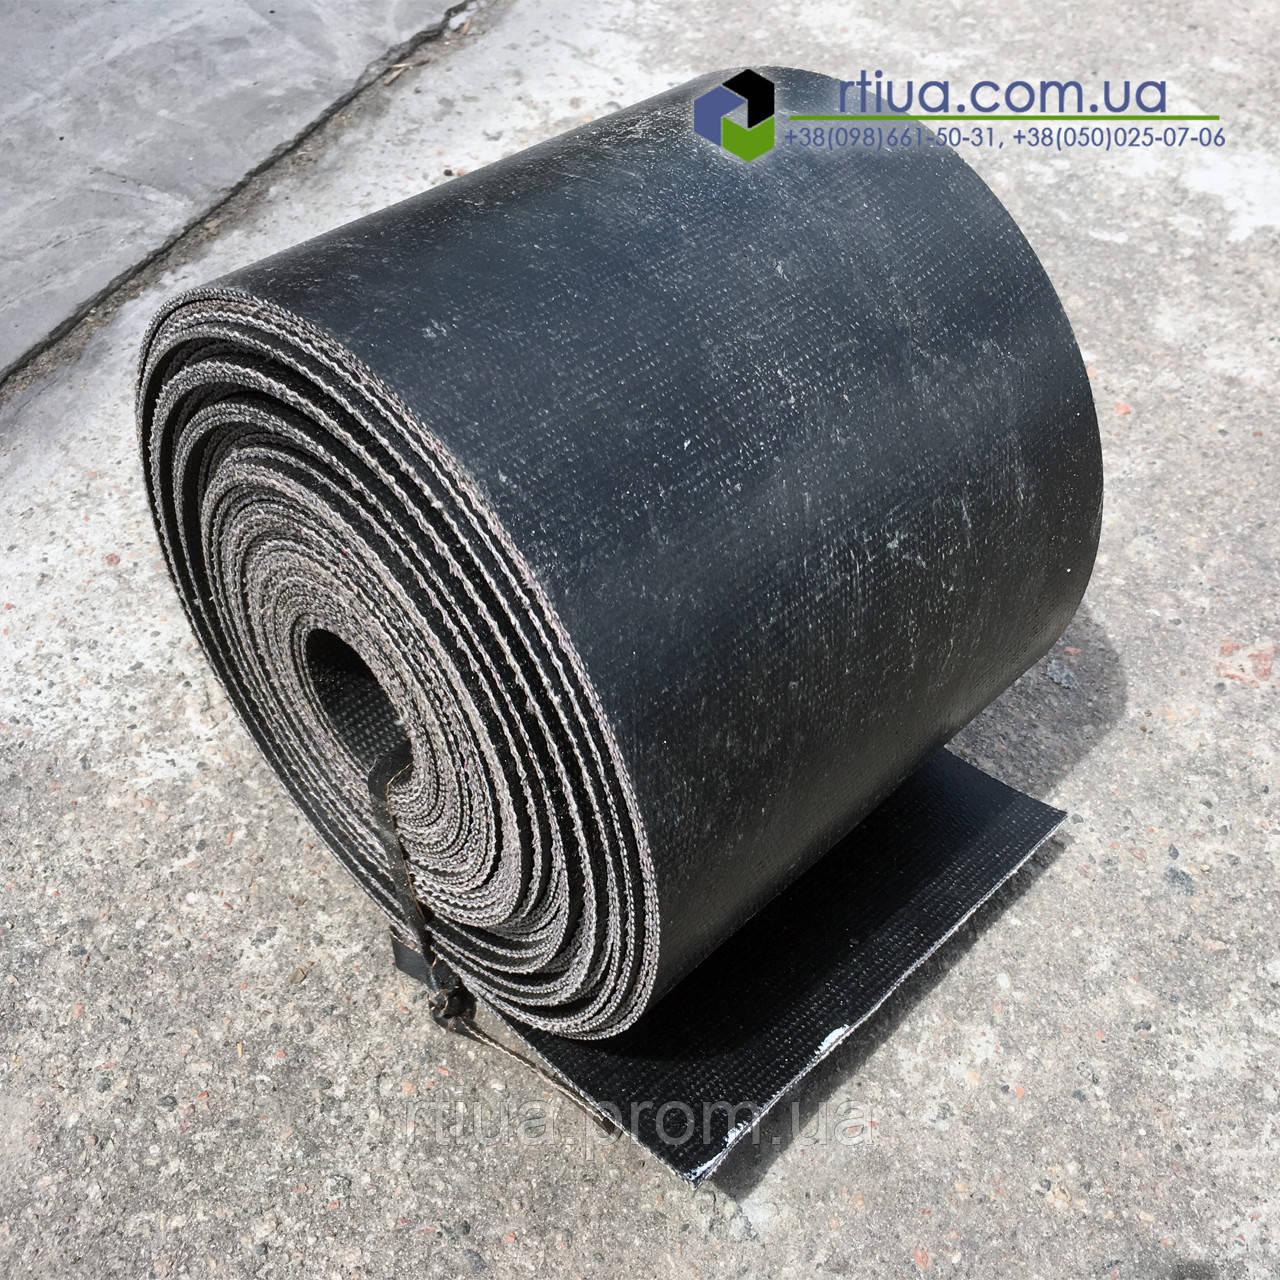 Транспортерная лента БКНЛ, 650х3 - 3/1 (7 мм)